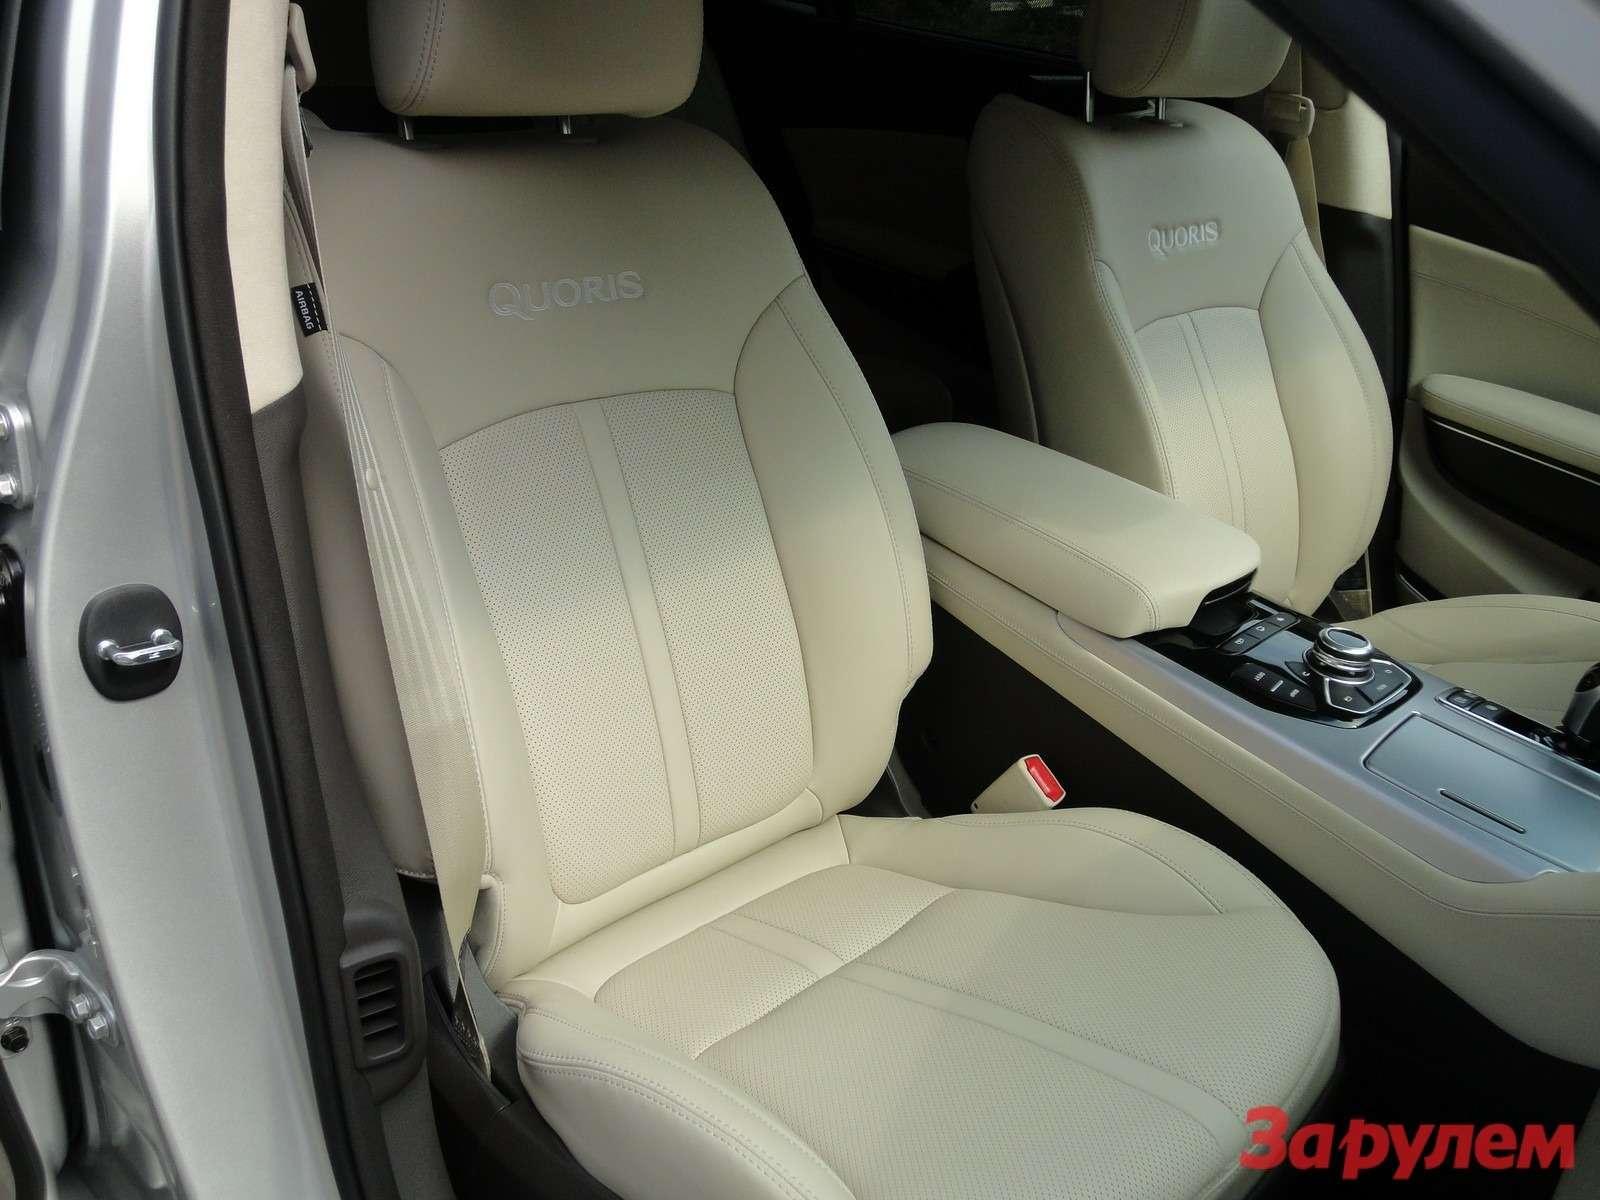 KiaQuoris: сиденье переднего пассажира